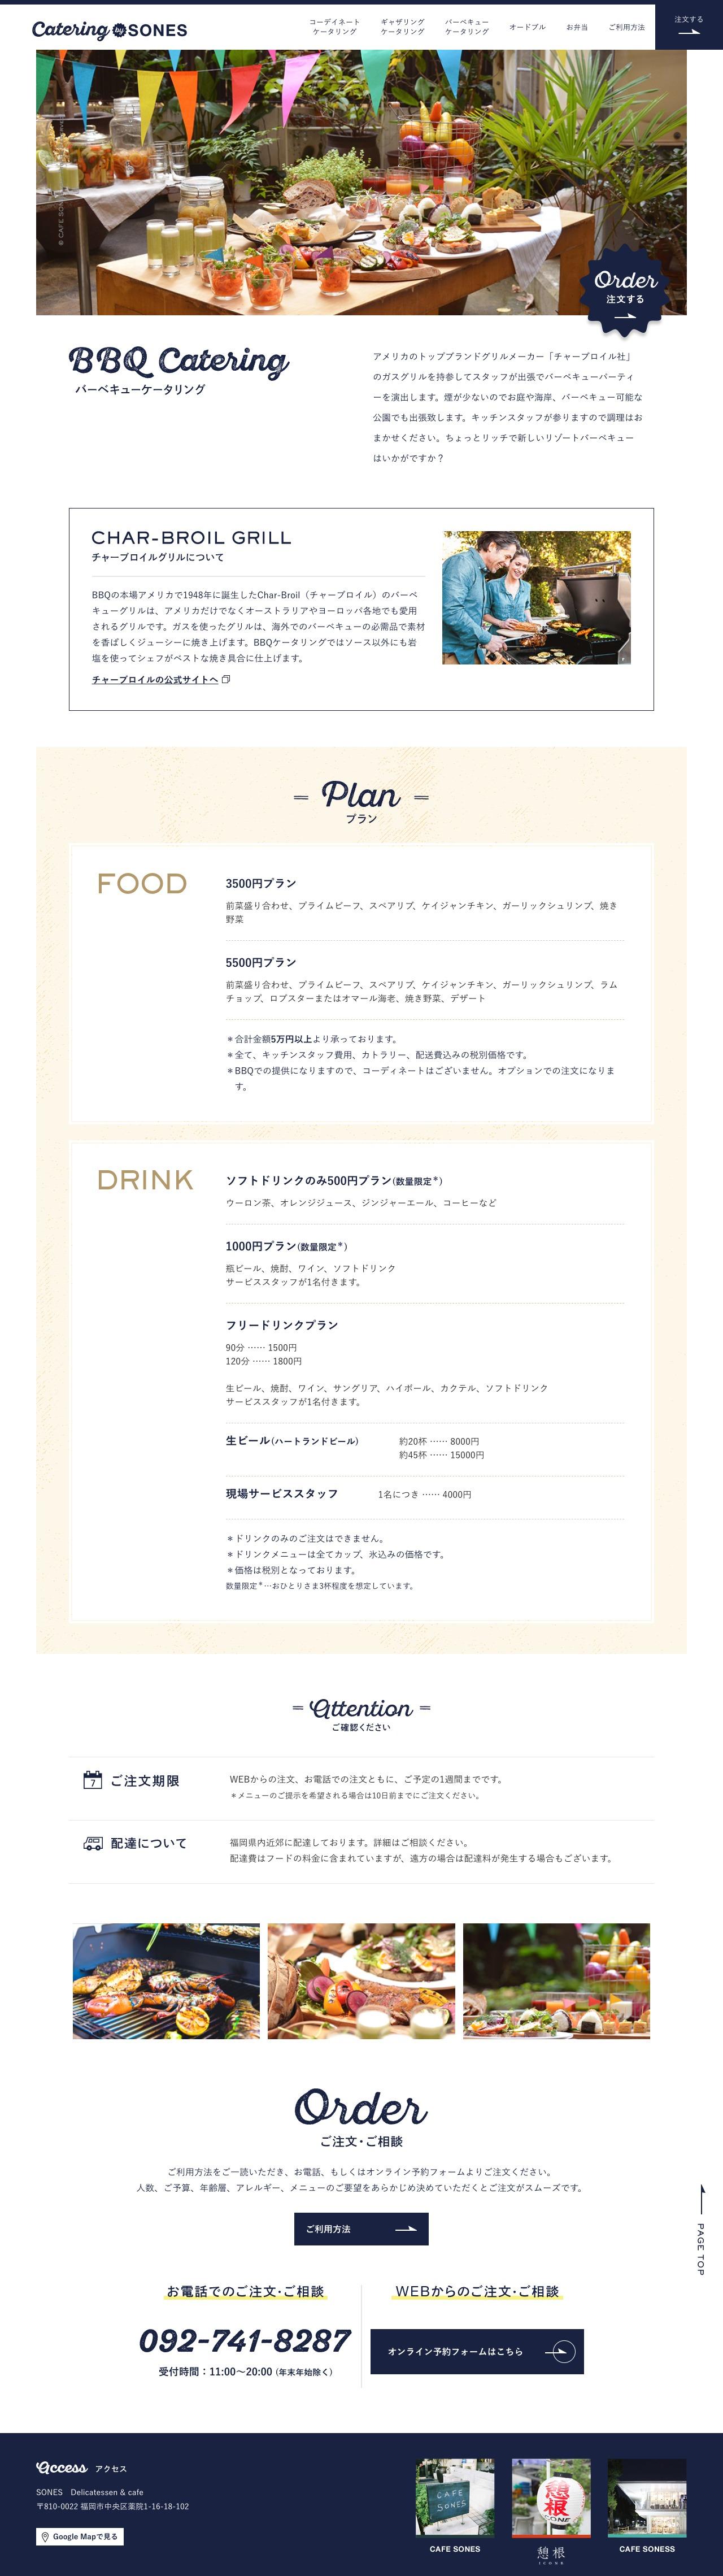 screencapture-sones-cc-catering-bbq-2018-05-02-10_49_57